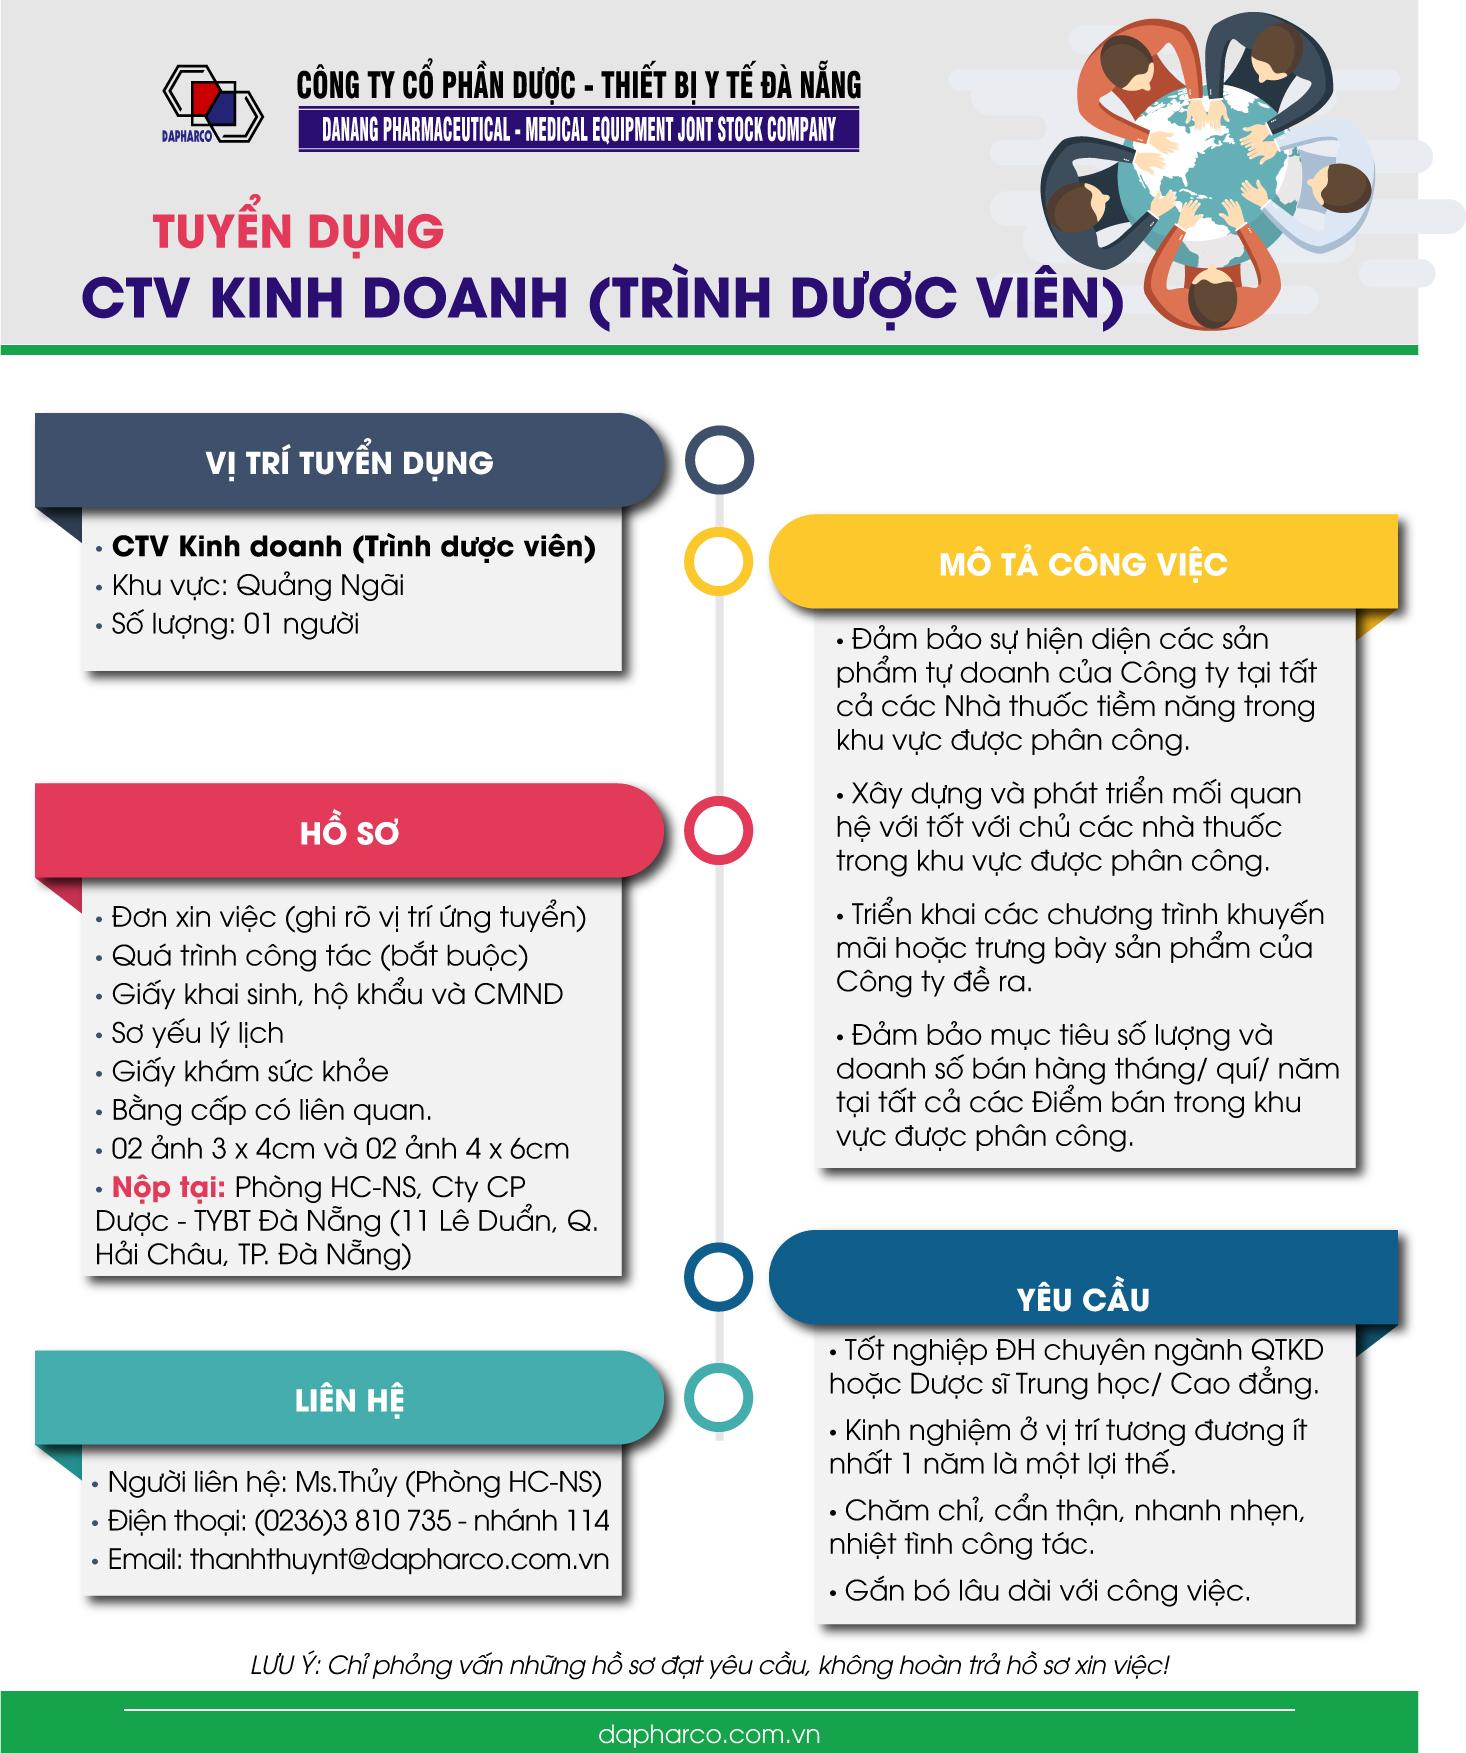 DAPHARCO Tuyển dụng 01 CTV Kinh doanh (Trình Dược Viên) tại Quảng Ngãi